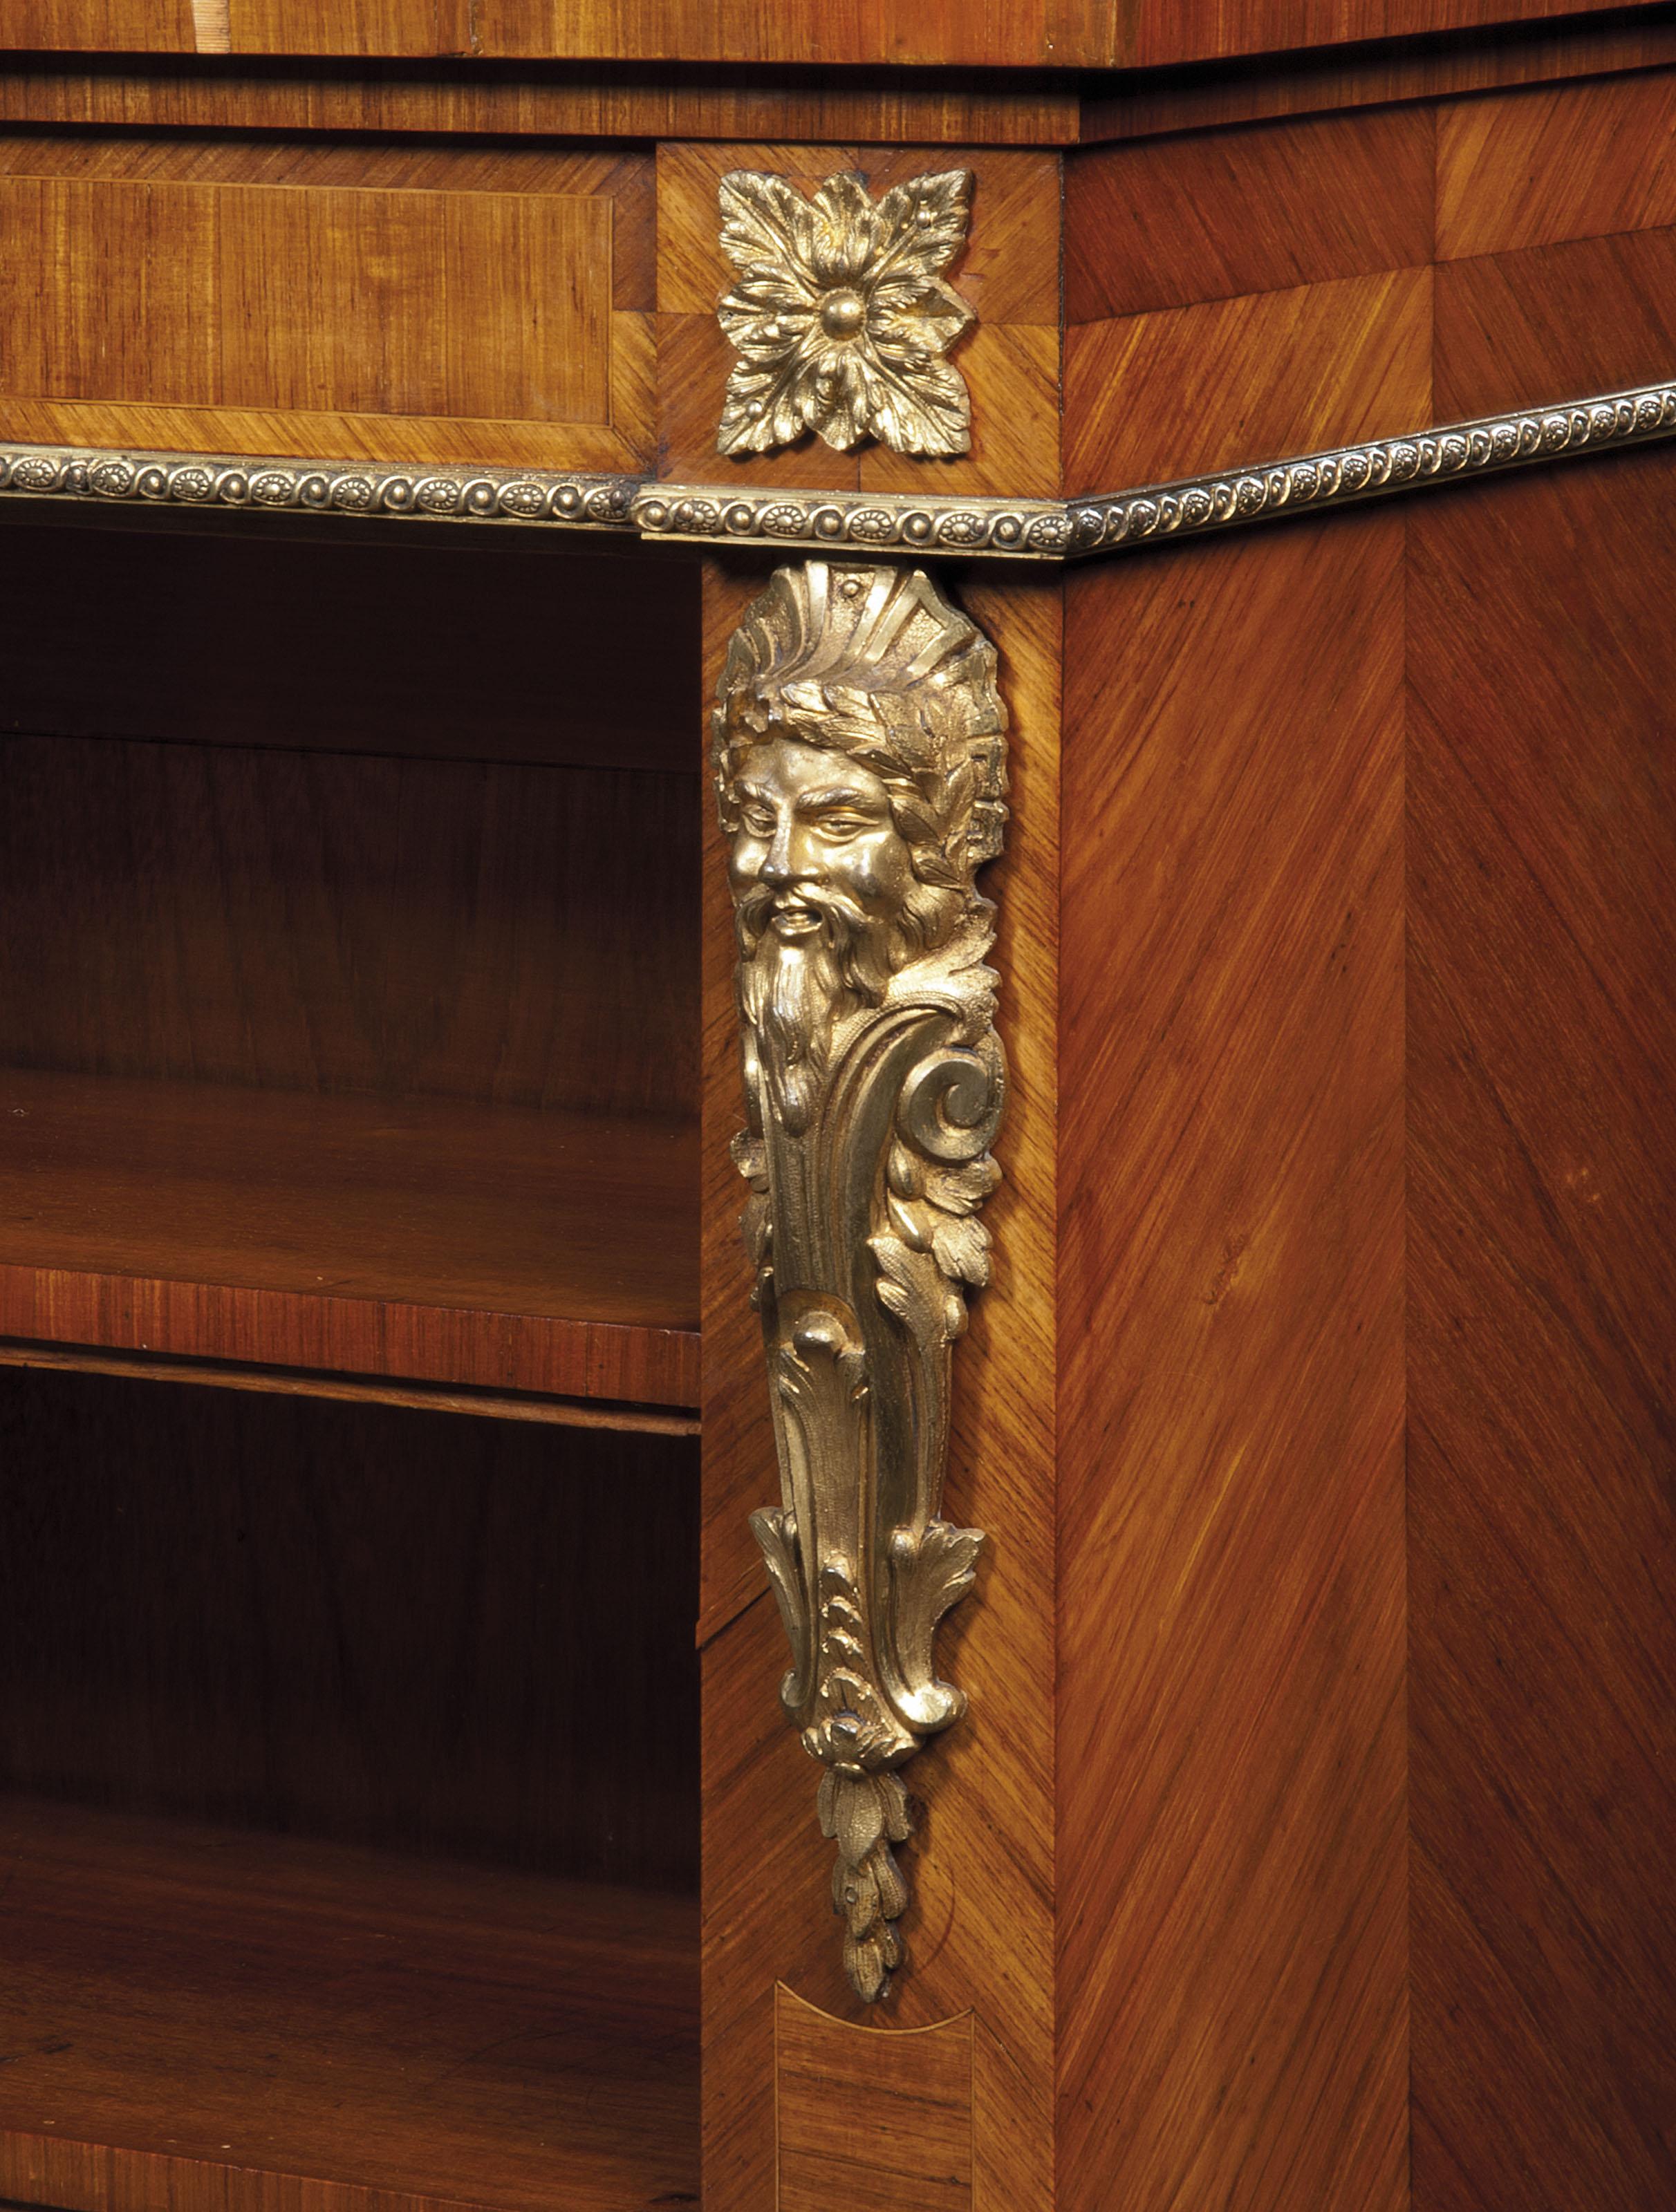 A NAPOLEON III PORCELAIN AND GILT-BRONZE MOUNTED TULIPWOOD BOOKCASE